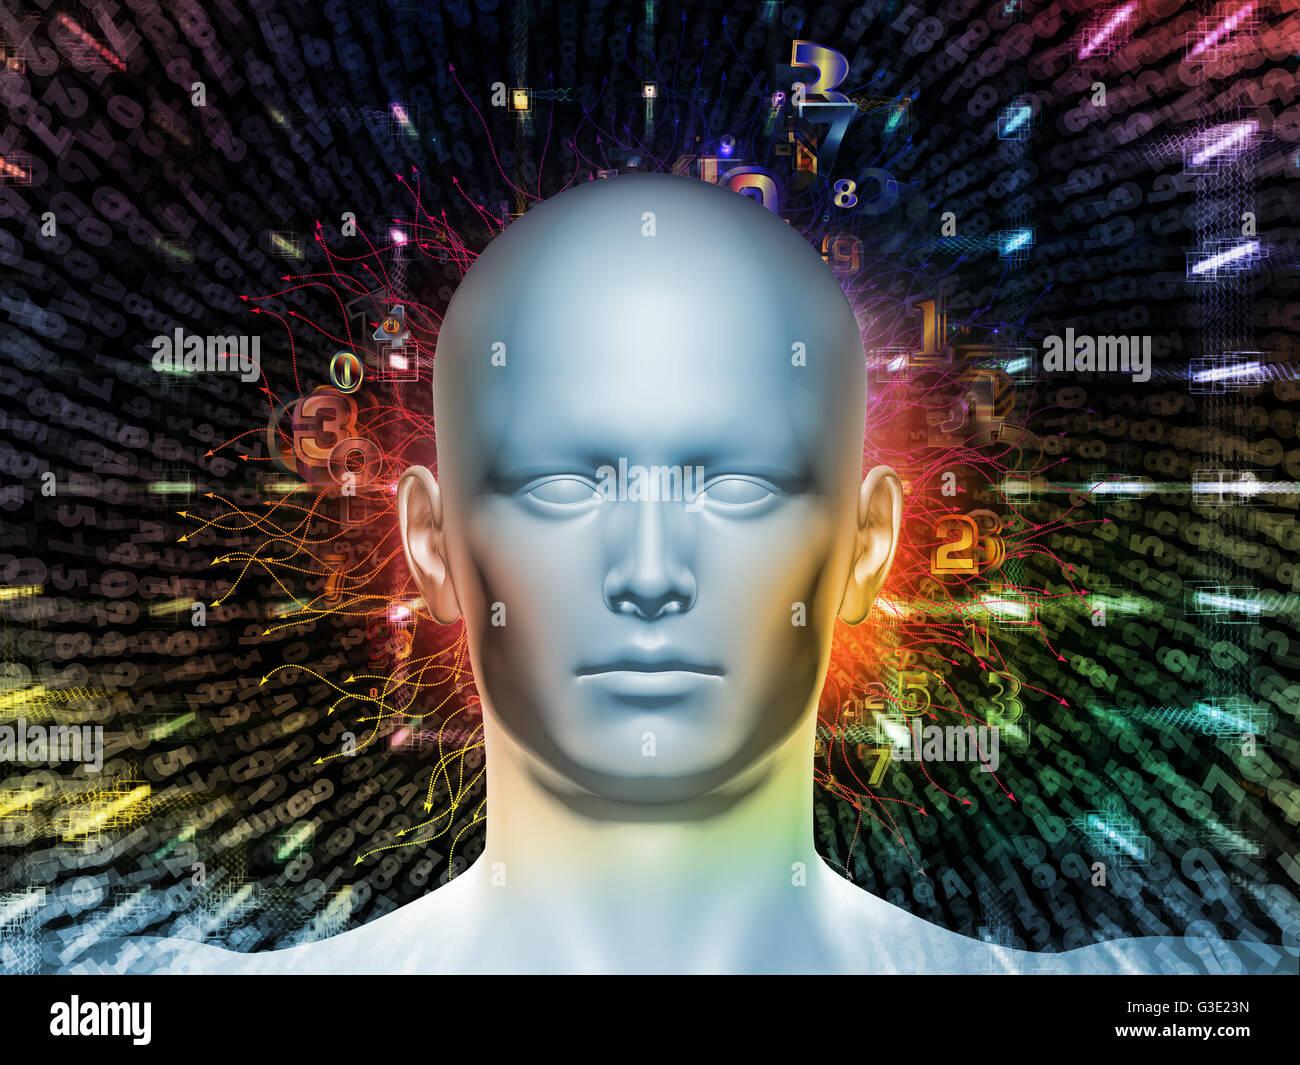 Hombre de número de serie. Disposición de cabeza humana, números y elementos visuales sobre el tema Imagen De Stock